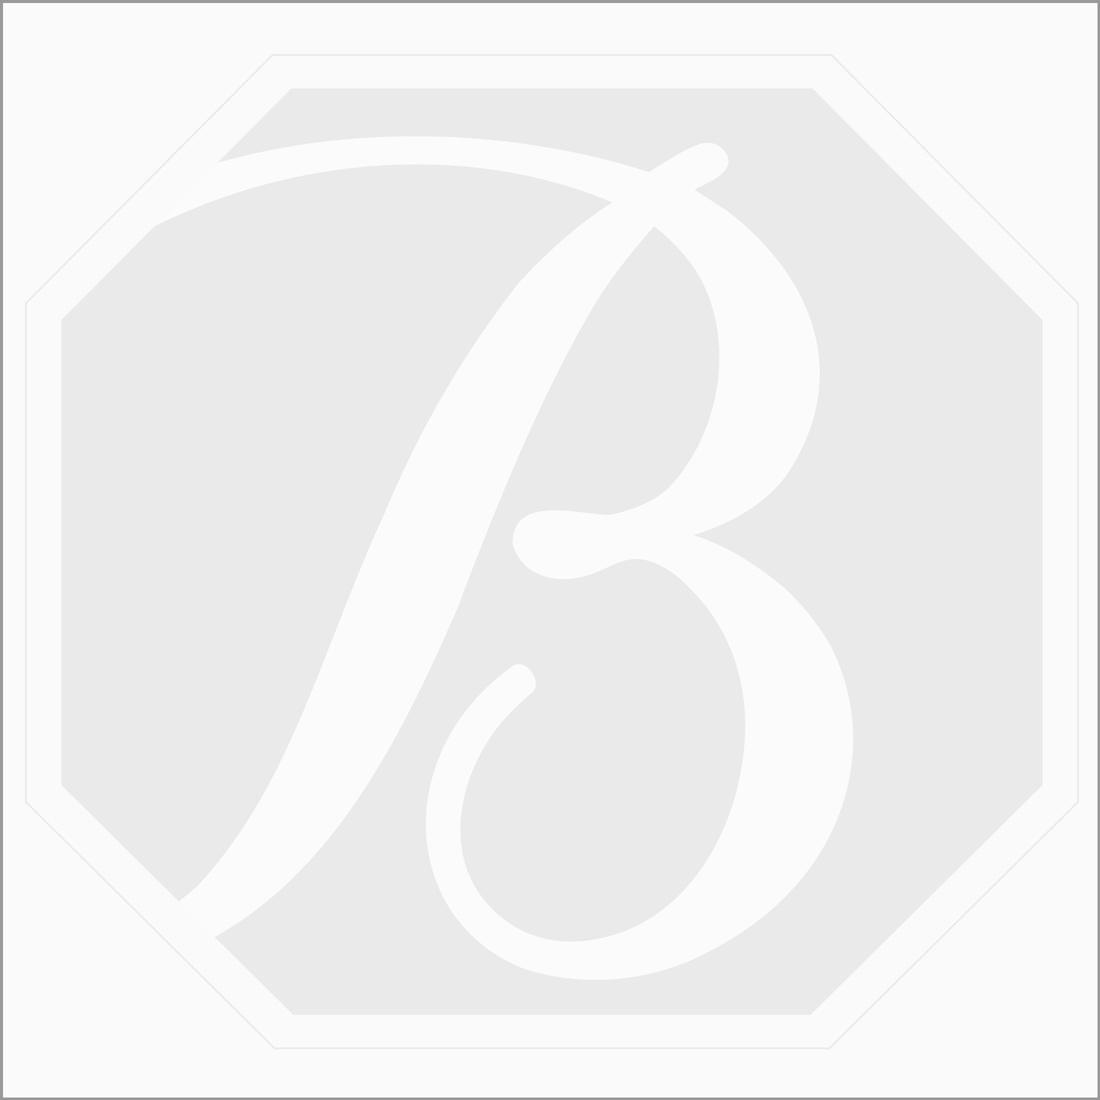 1 Pc - Dark Blue Tourmaline Rose Cut - 5.2 ct. - 15 x 14.5 x 3 mm (TRC1073)